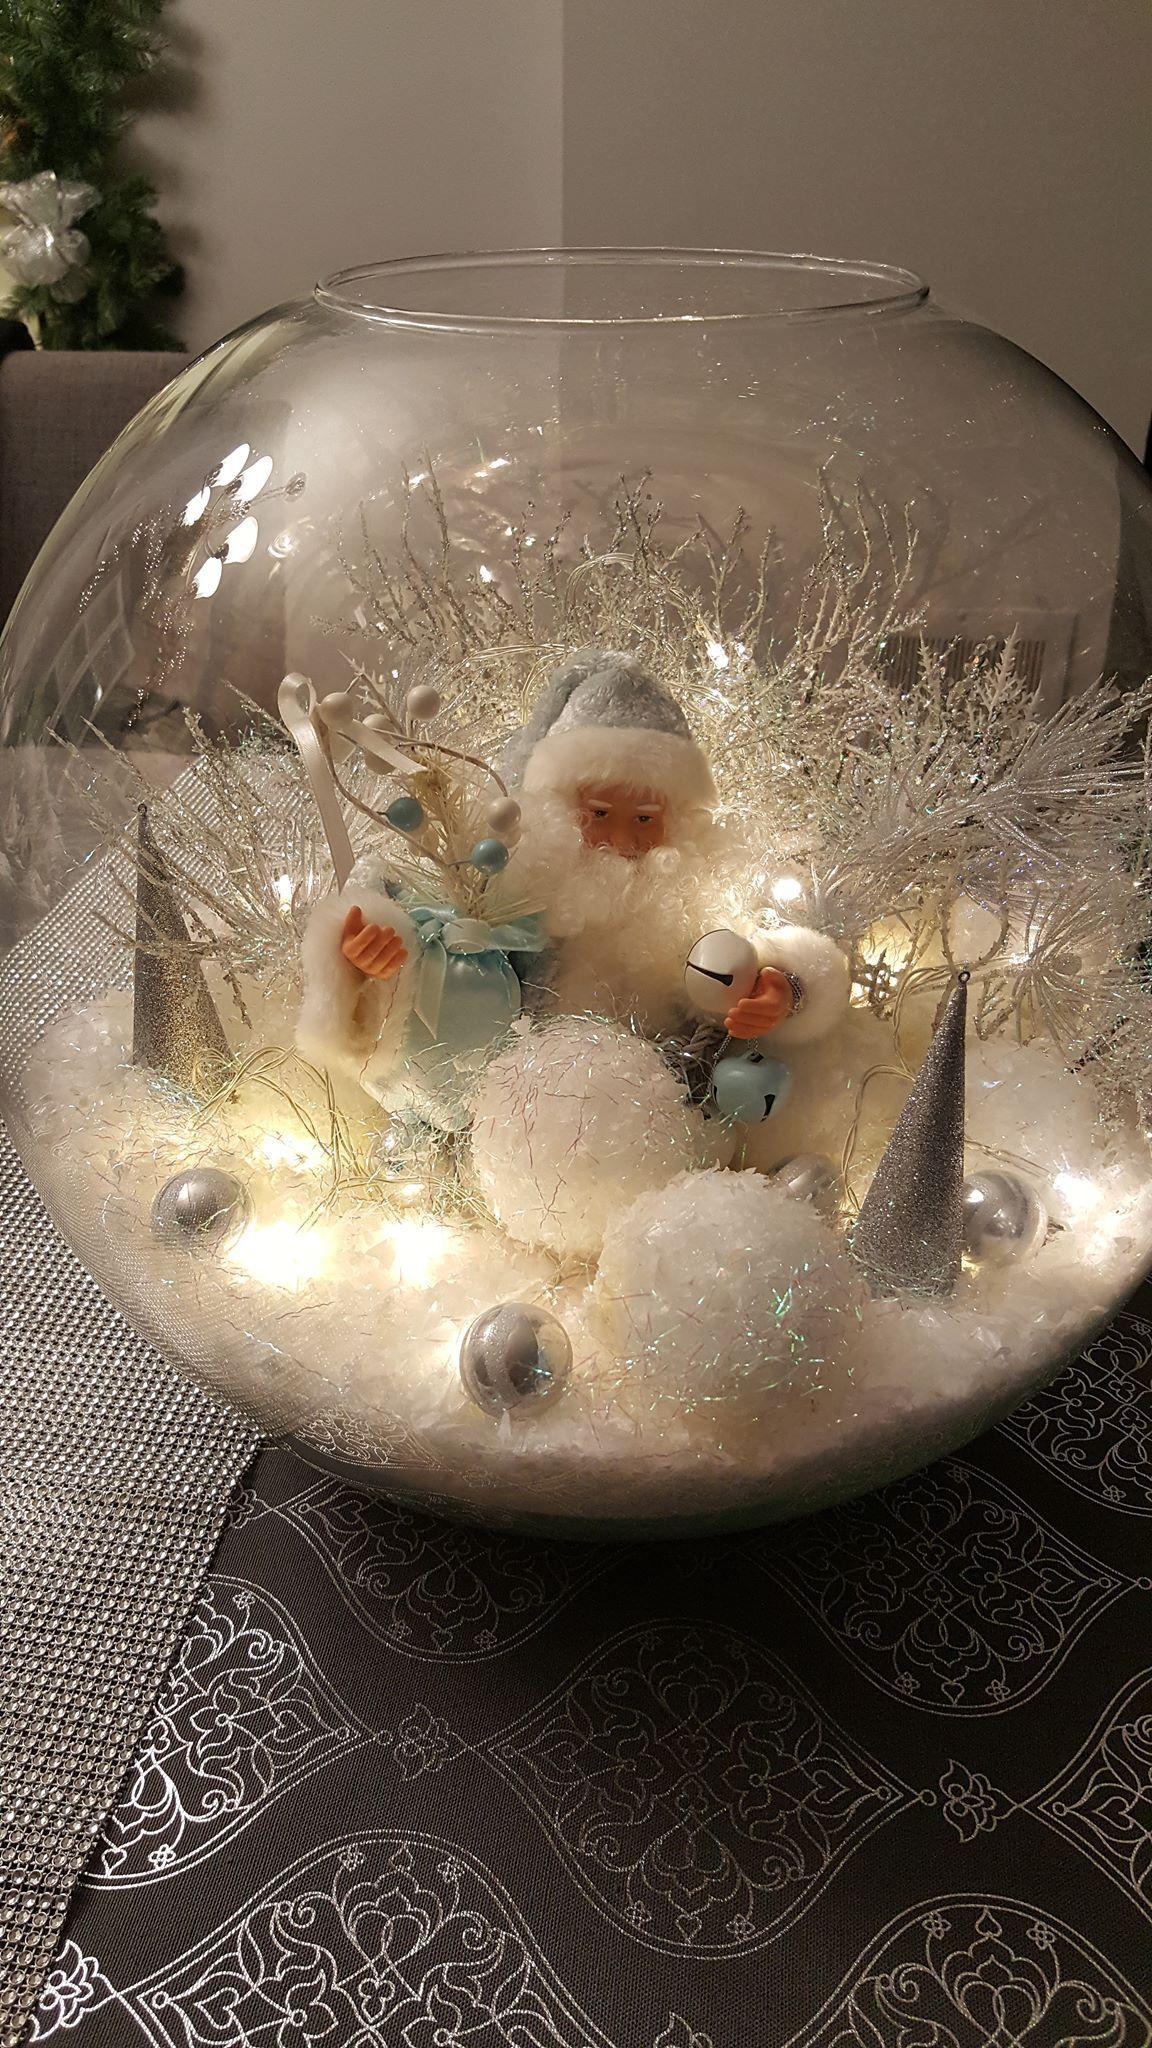 #weihnachten #glas #imWeihnachten im glas #weihnachtsdekoweihnachten #weihnachten #glas #imWeihnachten im glas #weihnachtsdekoimglas